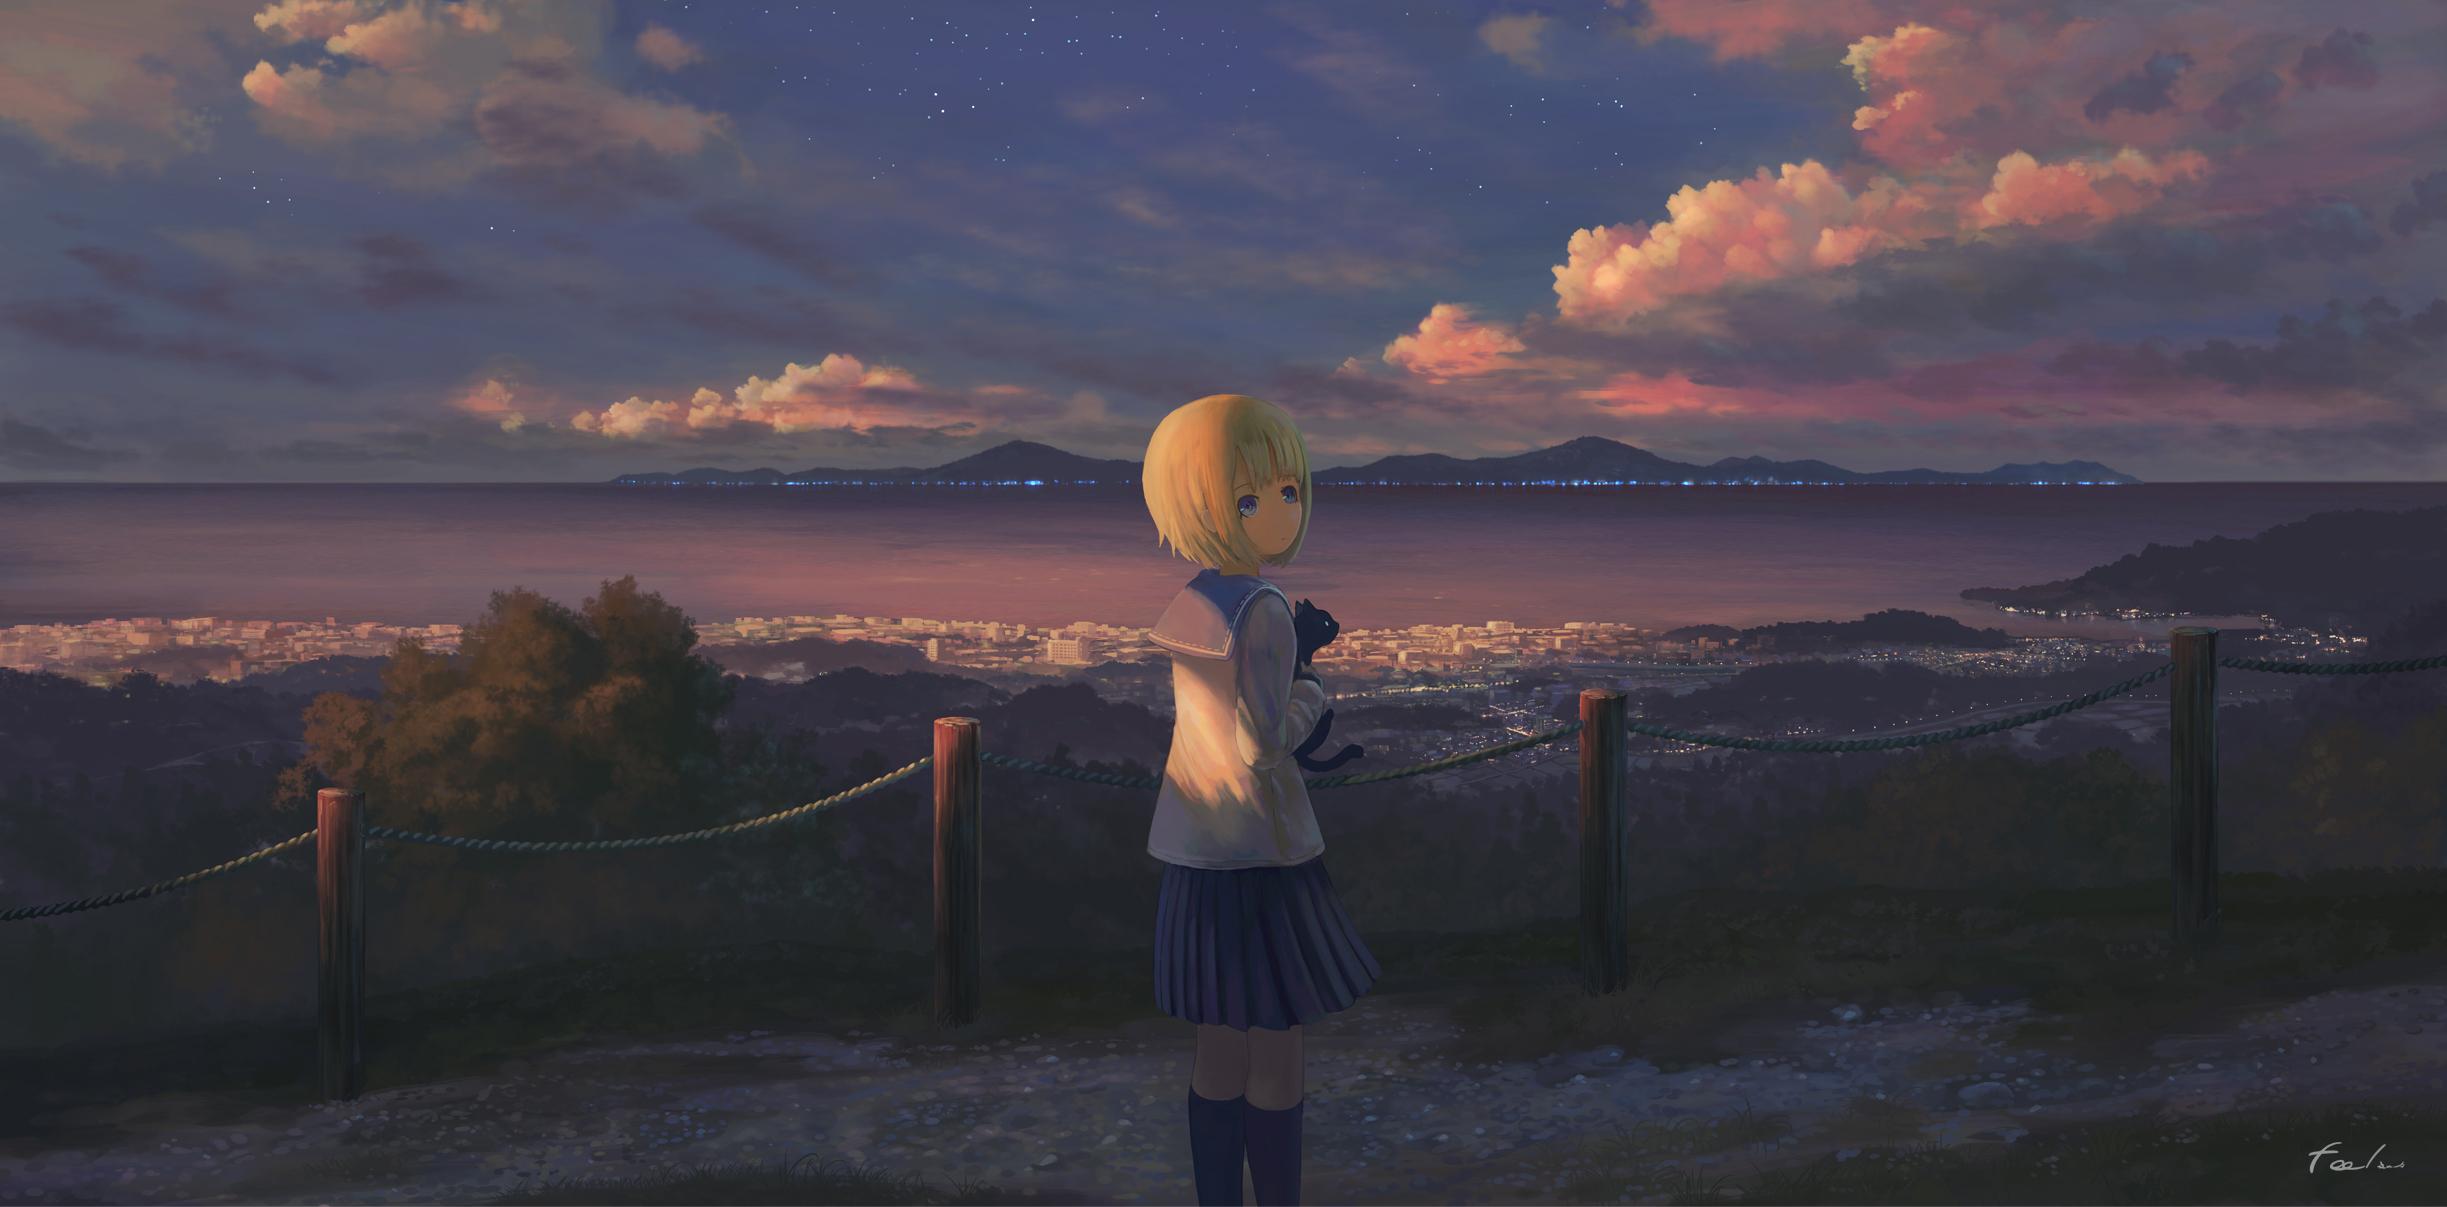 Anime Girl Alone Standing, Full Hd 2K Wallpaper-8810